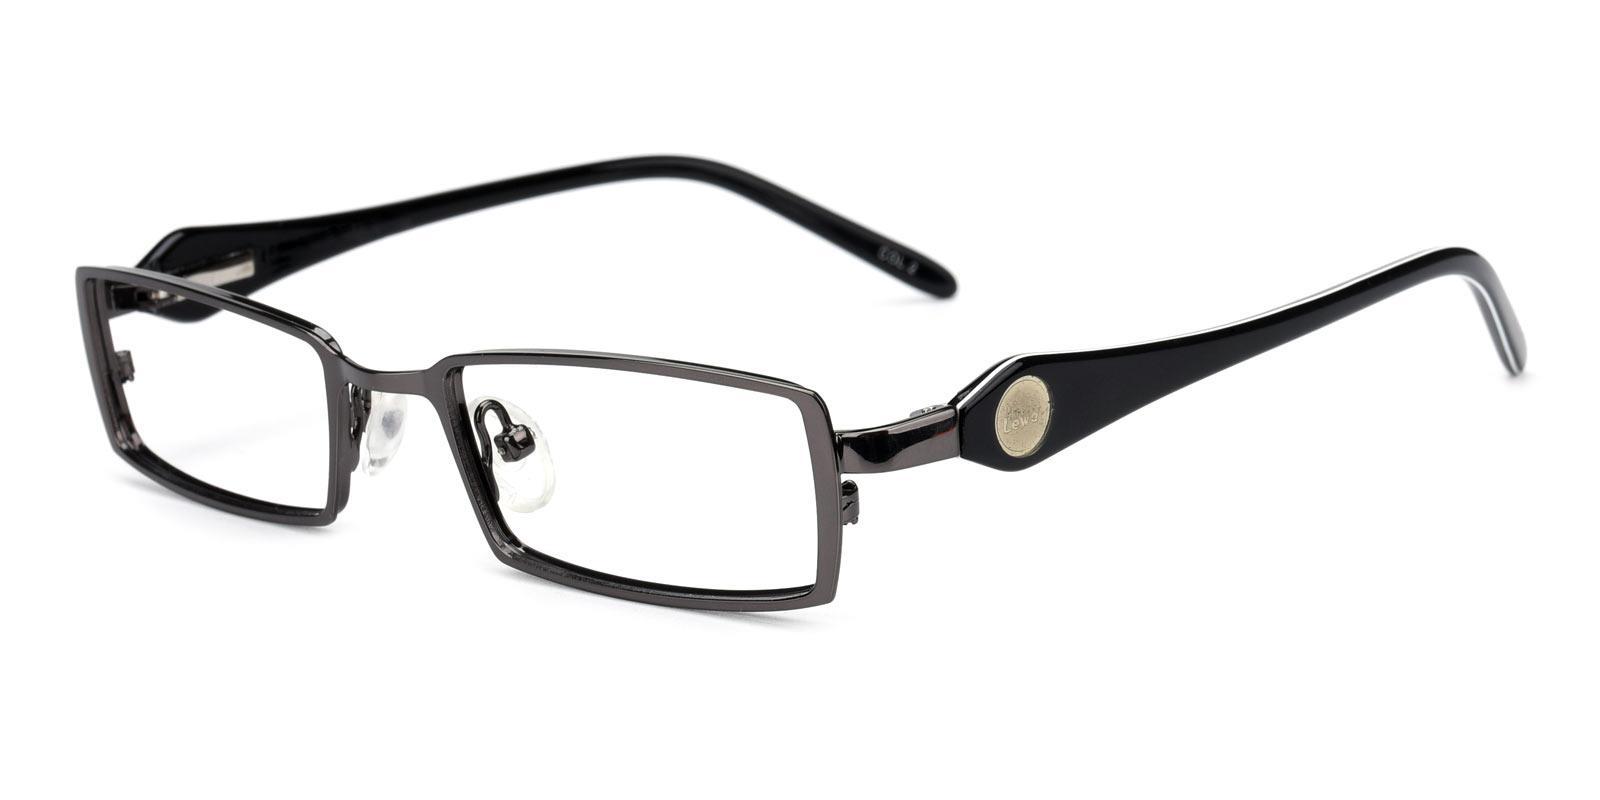 Galileo-Gun-Rectangle-Metal-Eyeglasses-detail